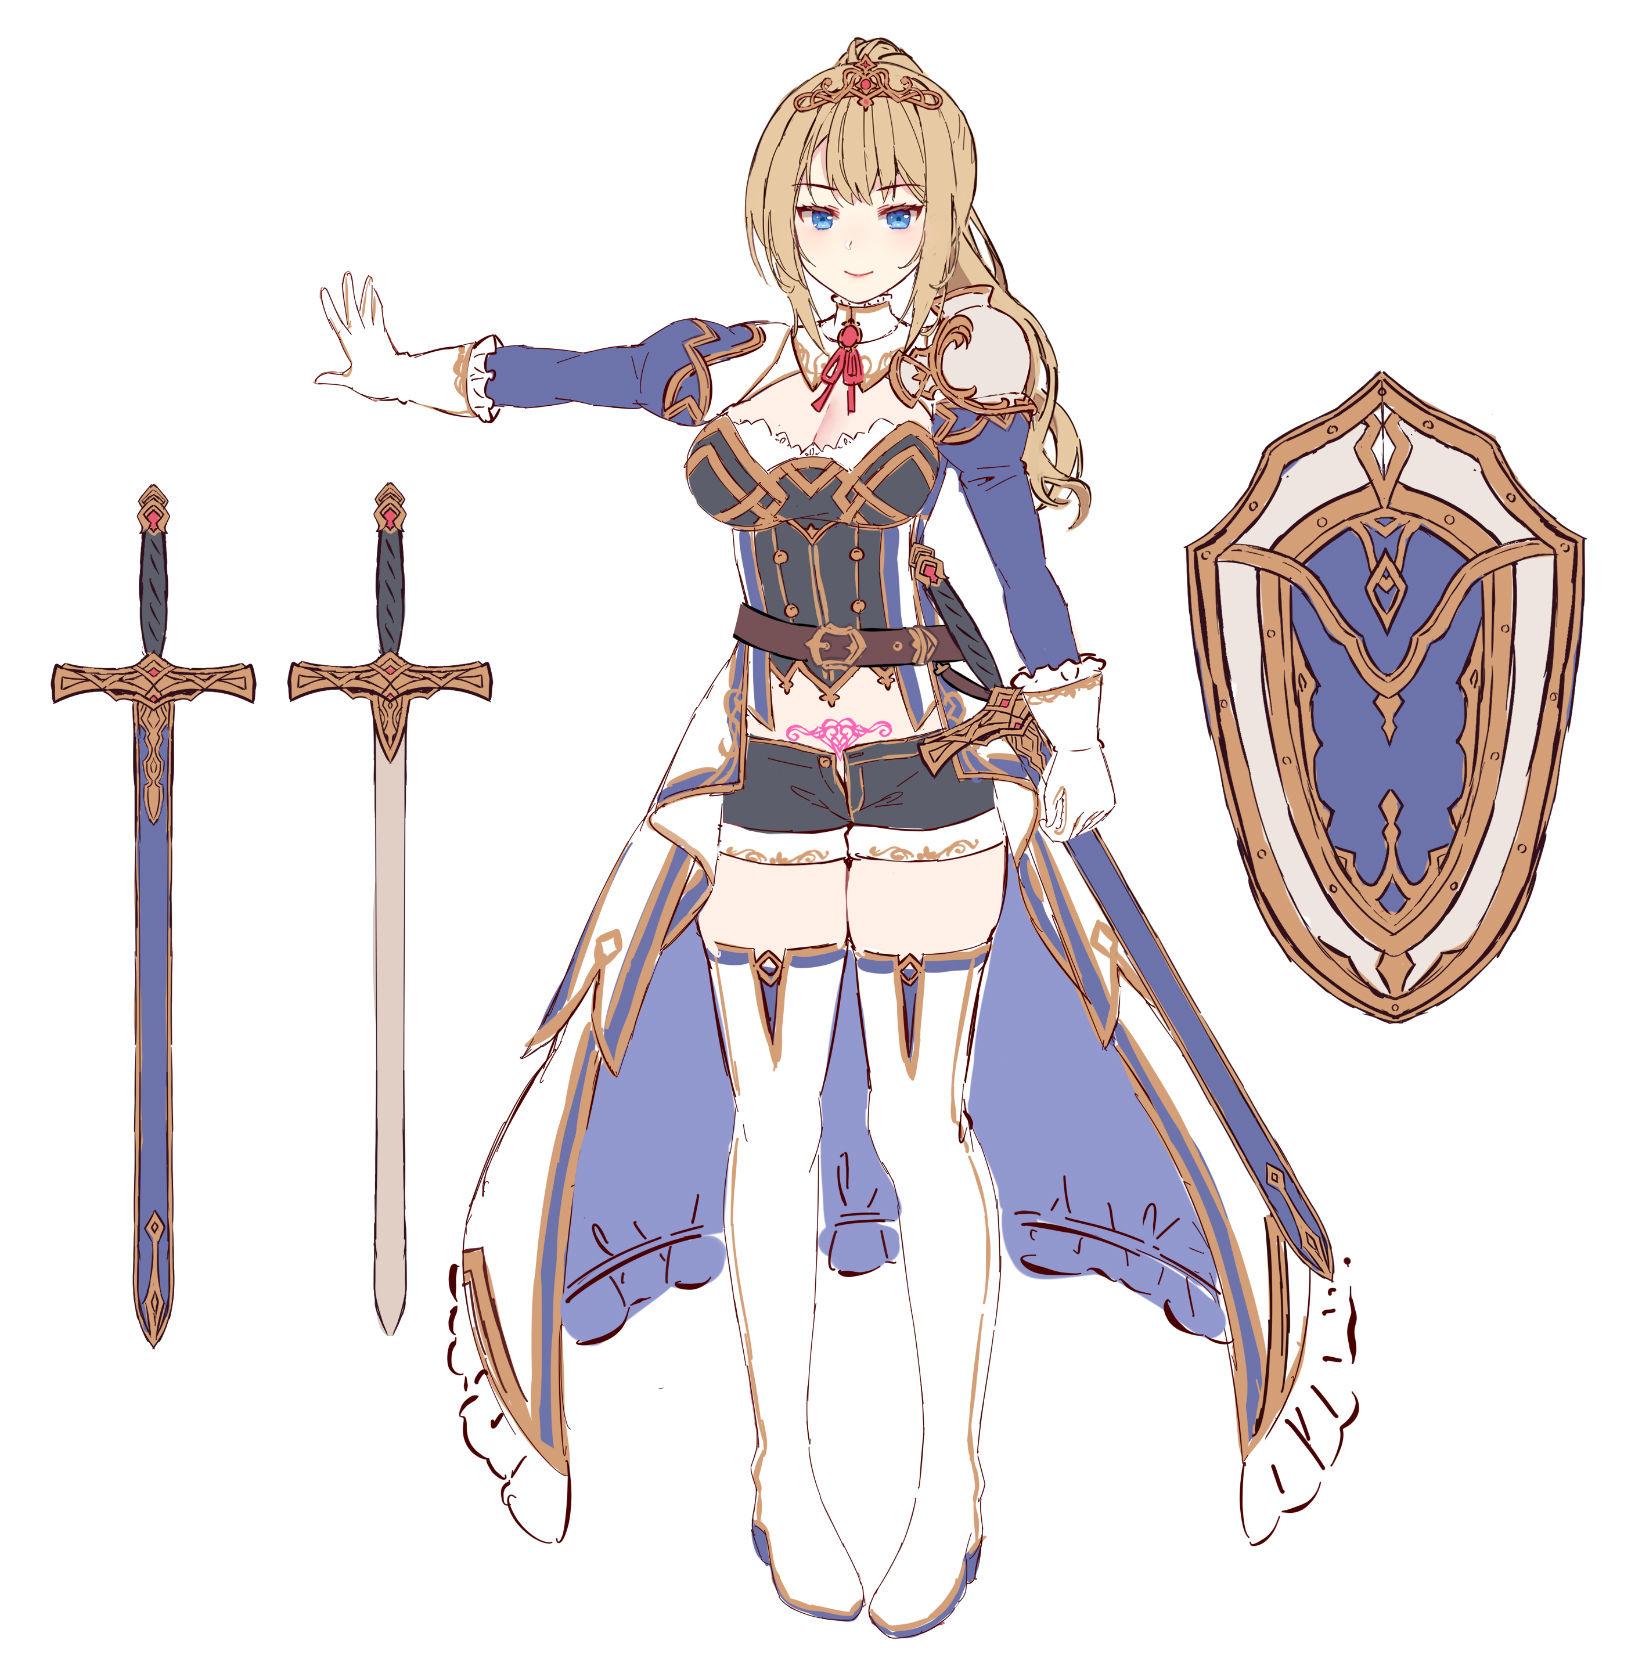 【姫騎士×淫語特化】盾持ち姫騎士の護衛搾精 過剰守られ 生オナホ奉仕任務